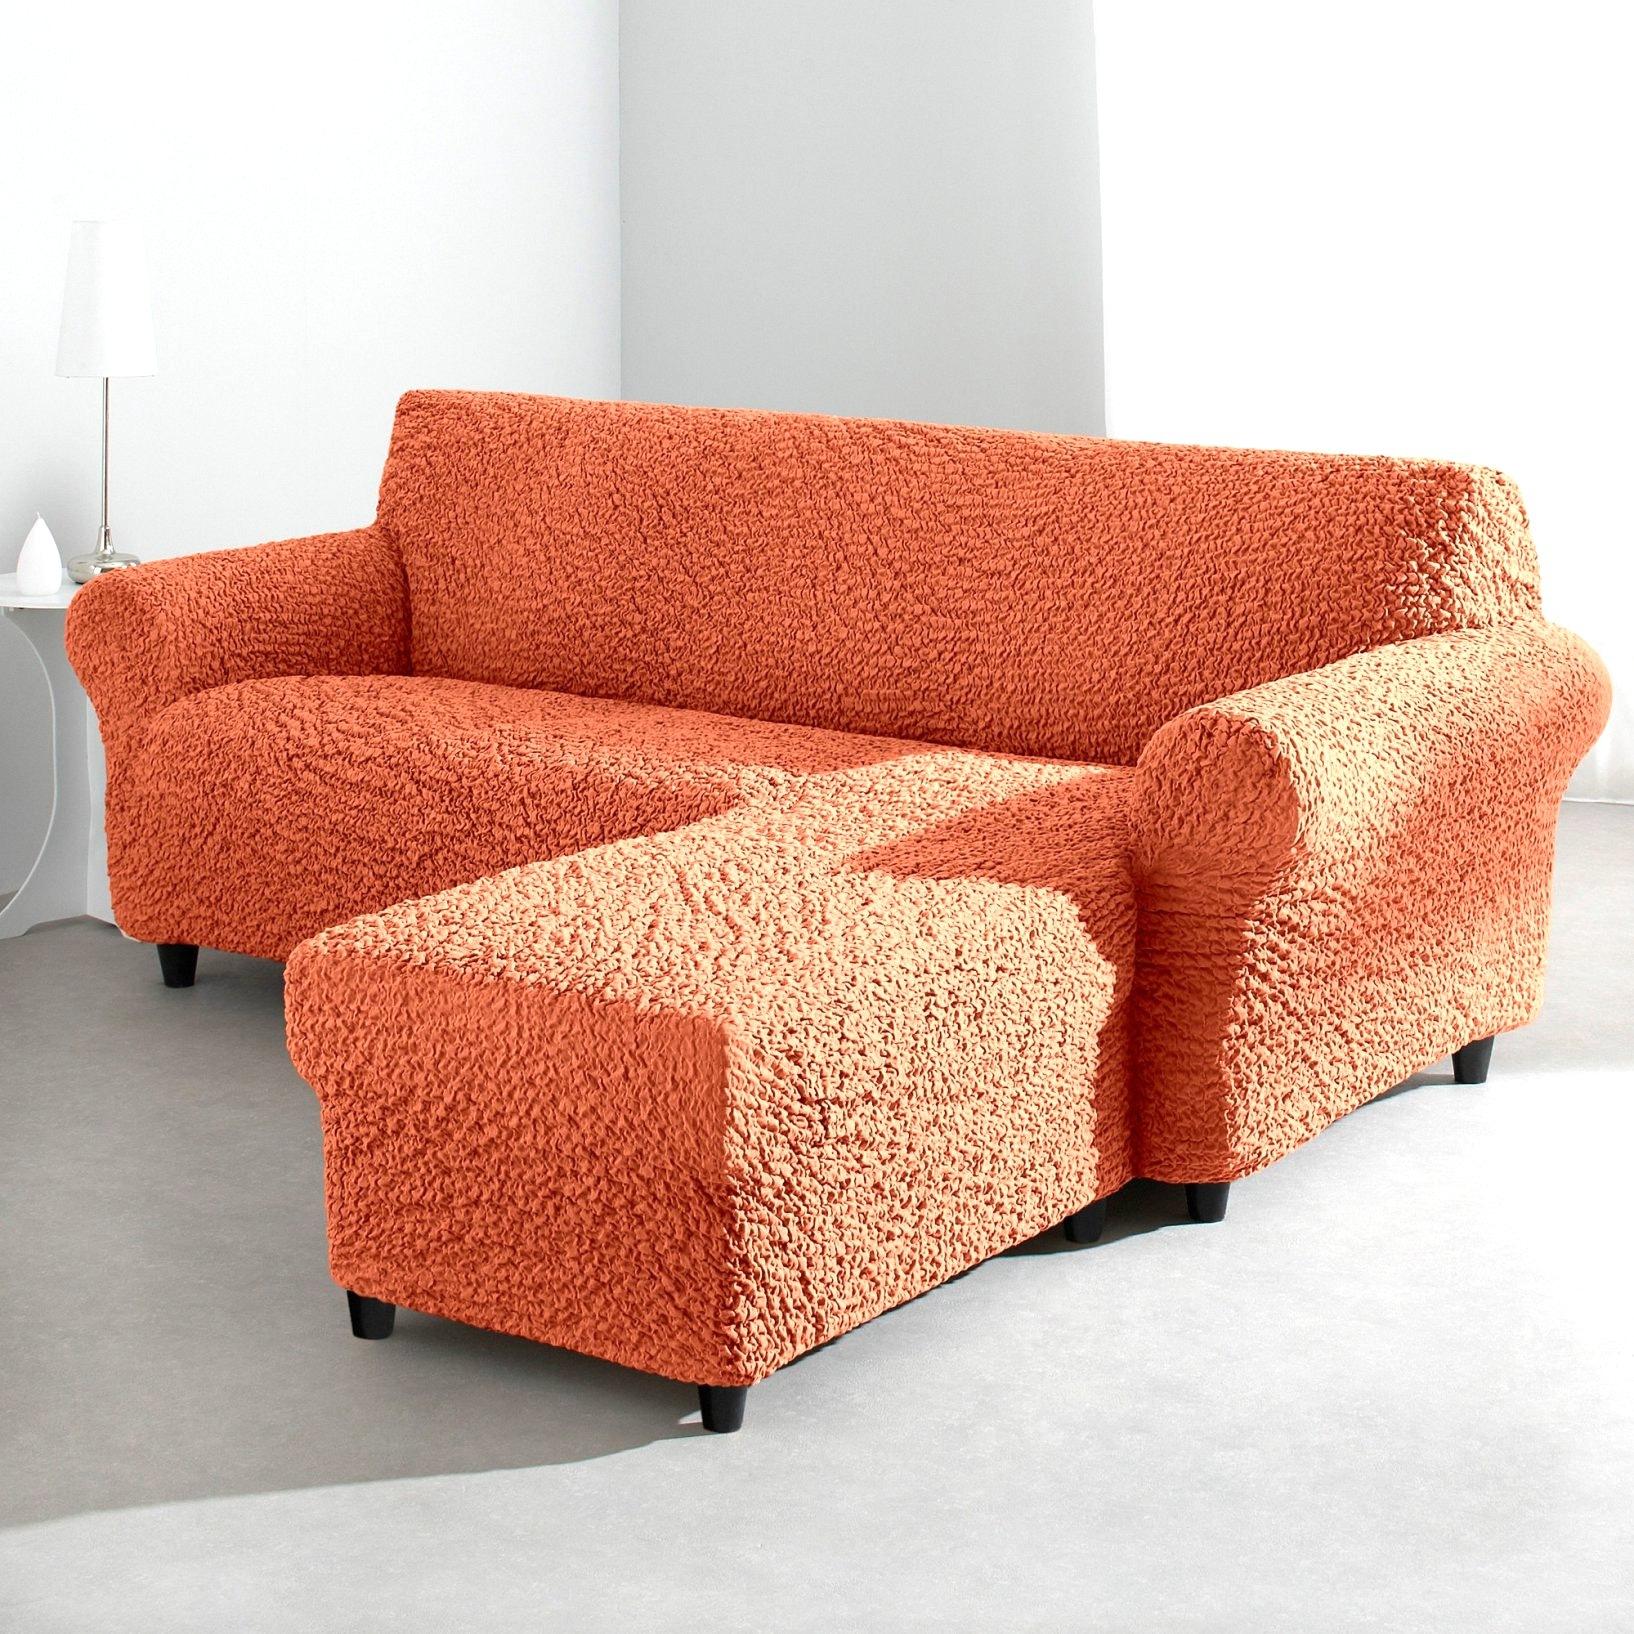 Canapé Angle Habitat Meilleur De Galerie Les 25 Inspirant Housse Canapé Convertible Image